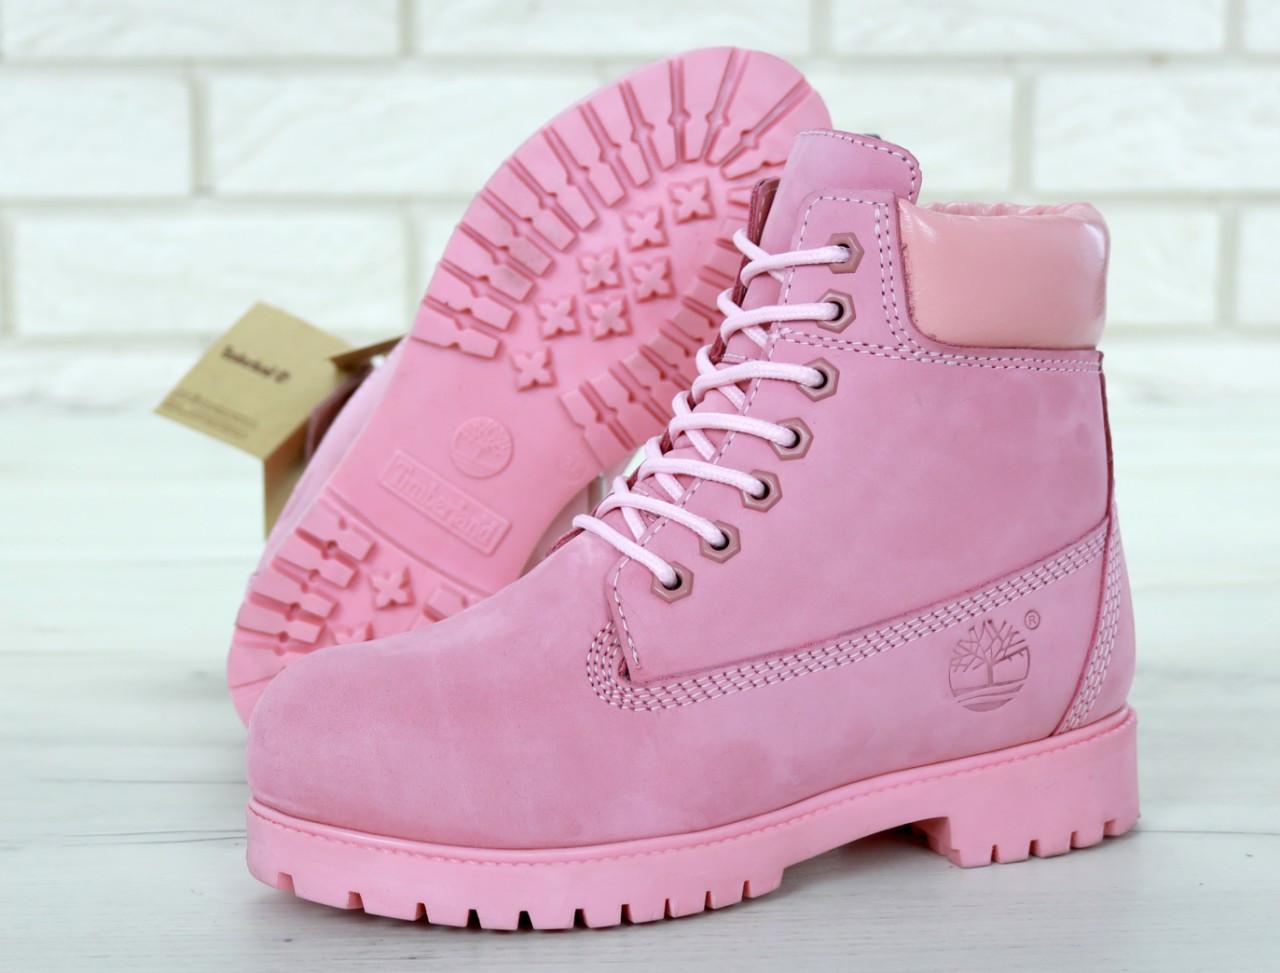 Женские зимние ботинки Timberland Pink женские ботинки тимберленд жіночі зимові черевики Timberland ботінки